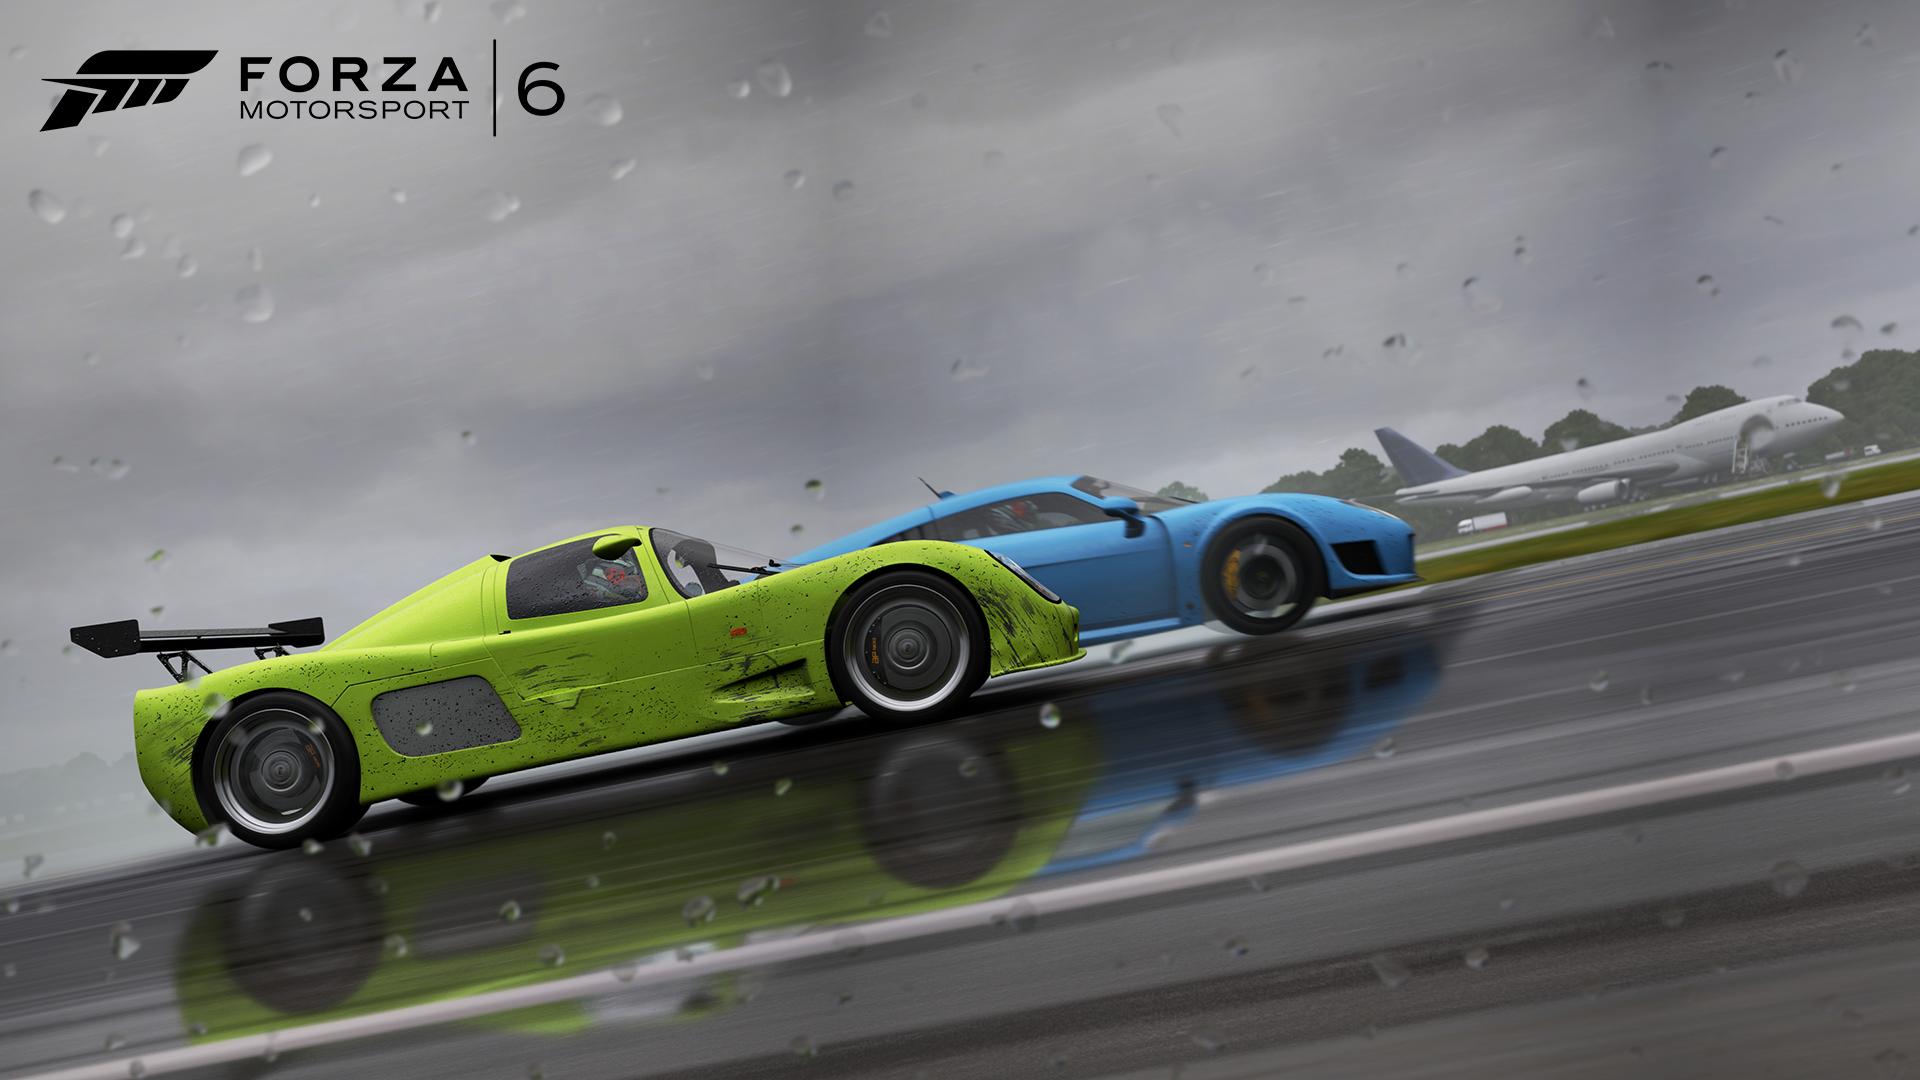 Videospel   Forza Motorsport 6 Wallpaper 1920x1080